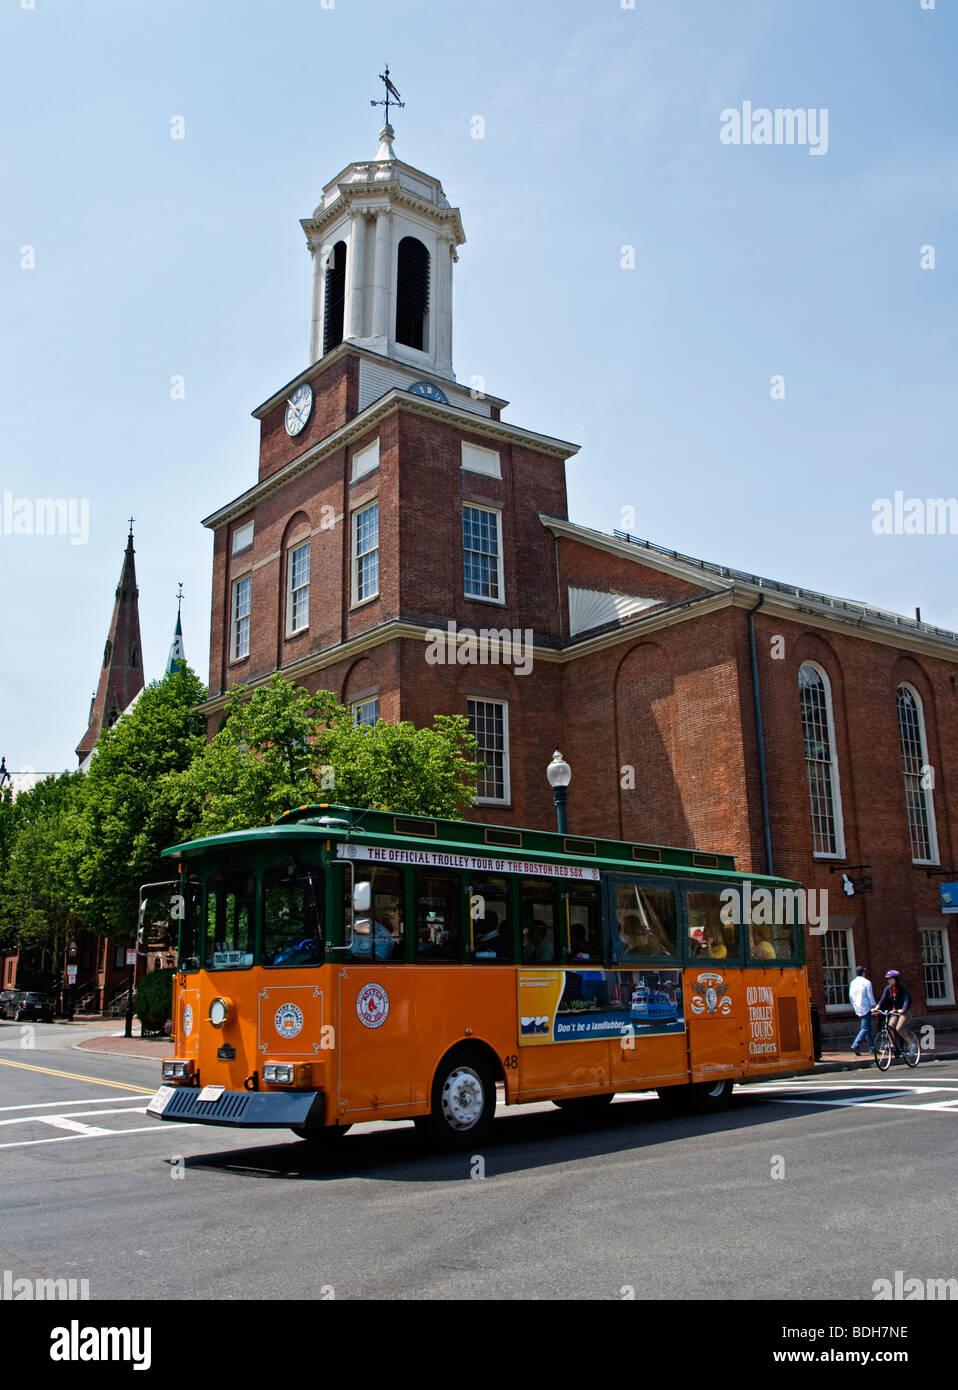 Un tranvía público pasa por delante de la casa de reuniones de Charles Street en Beacon Hill - Boston, Massachusetts Foto de stock